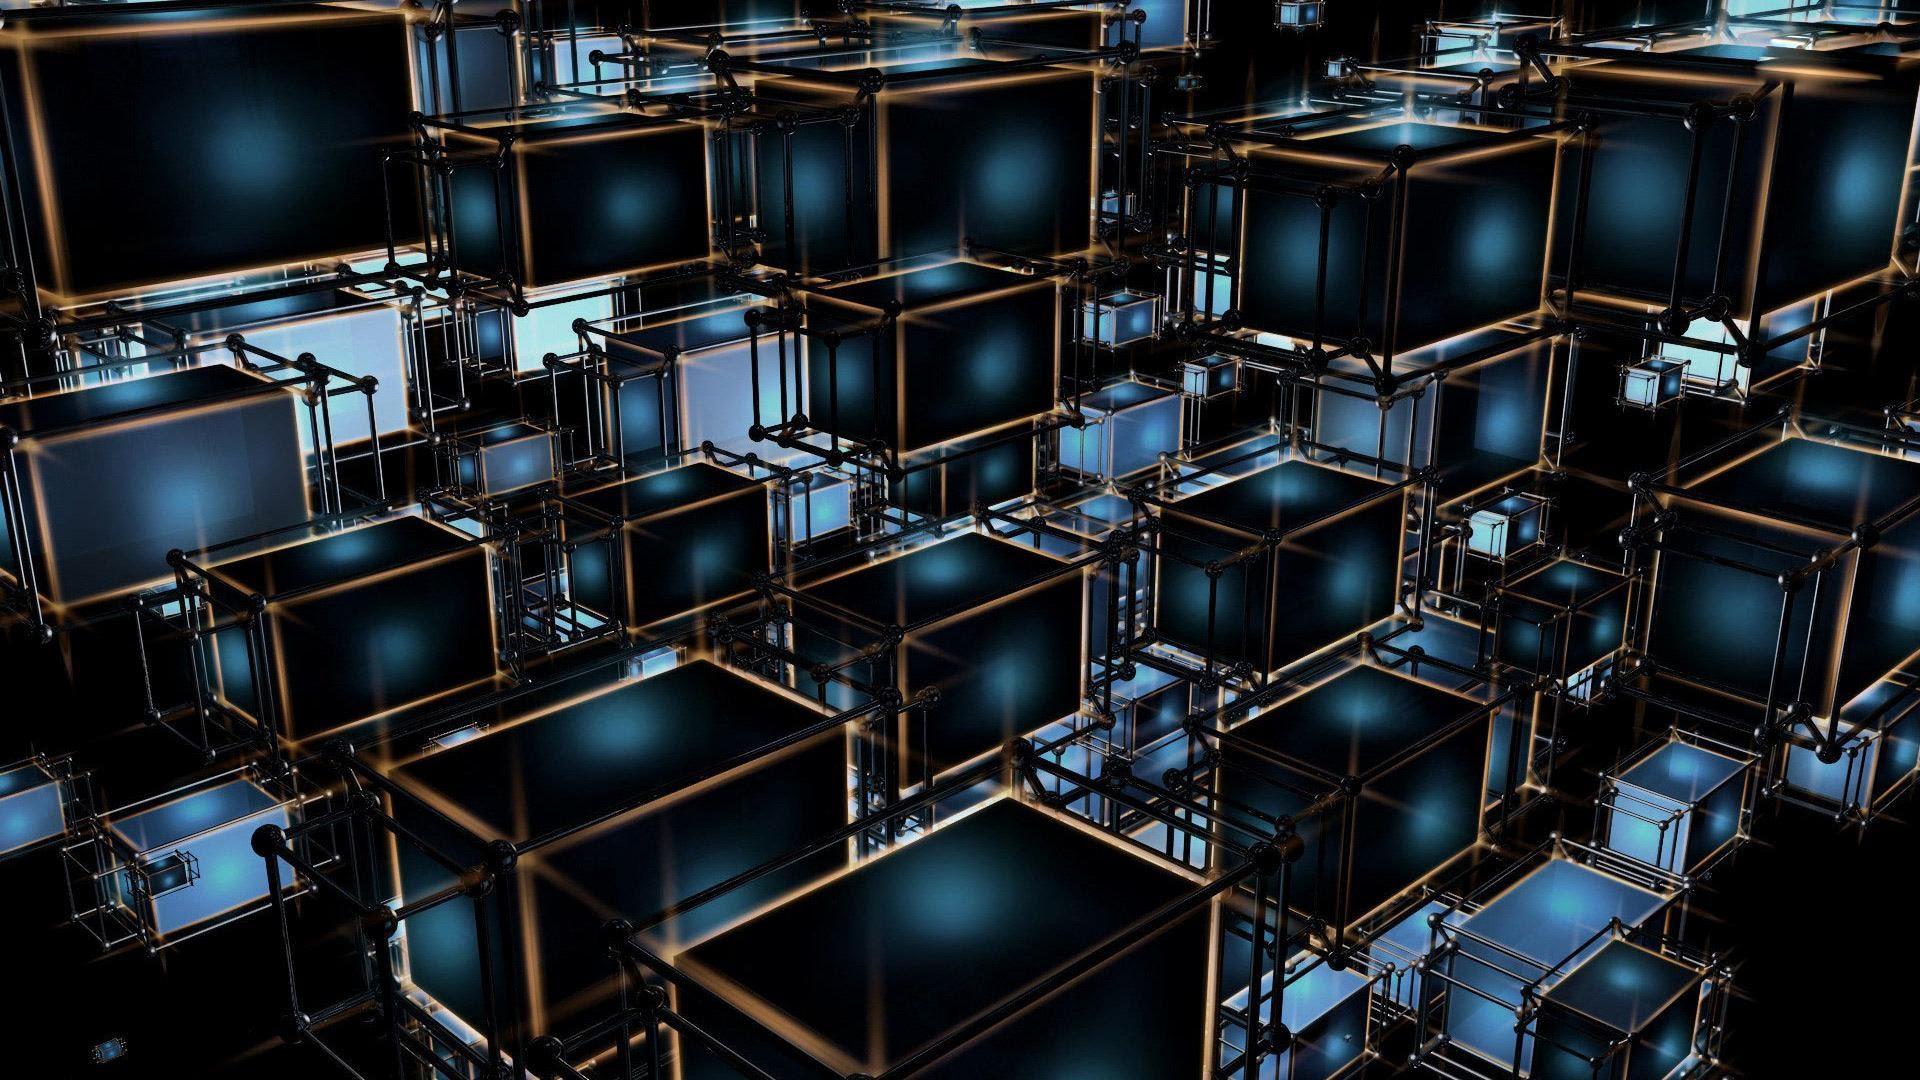 87 Koleksi Gambar Keren Wallpaper Laptop Gratis